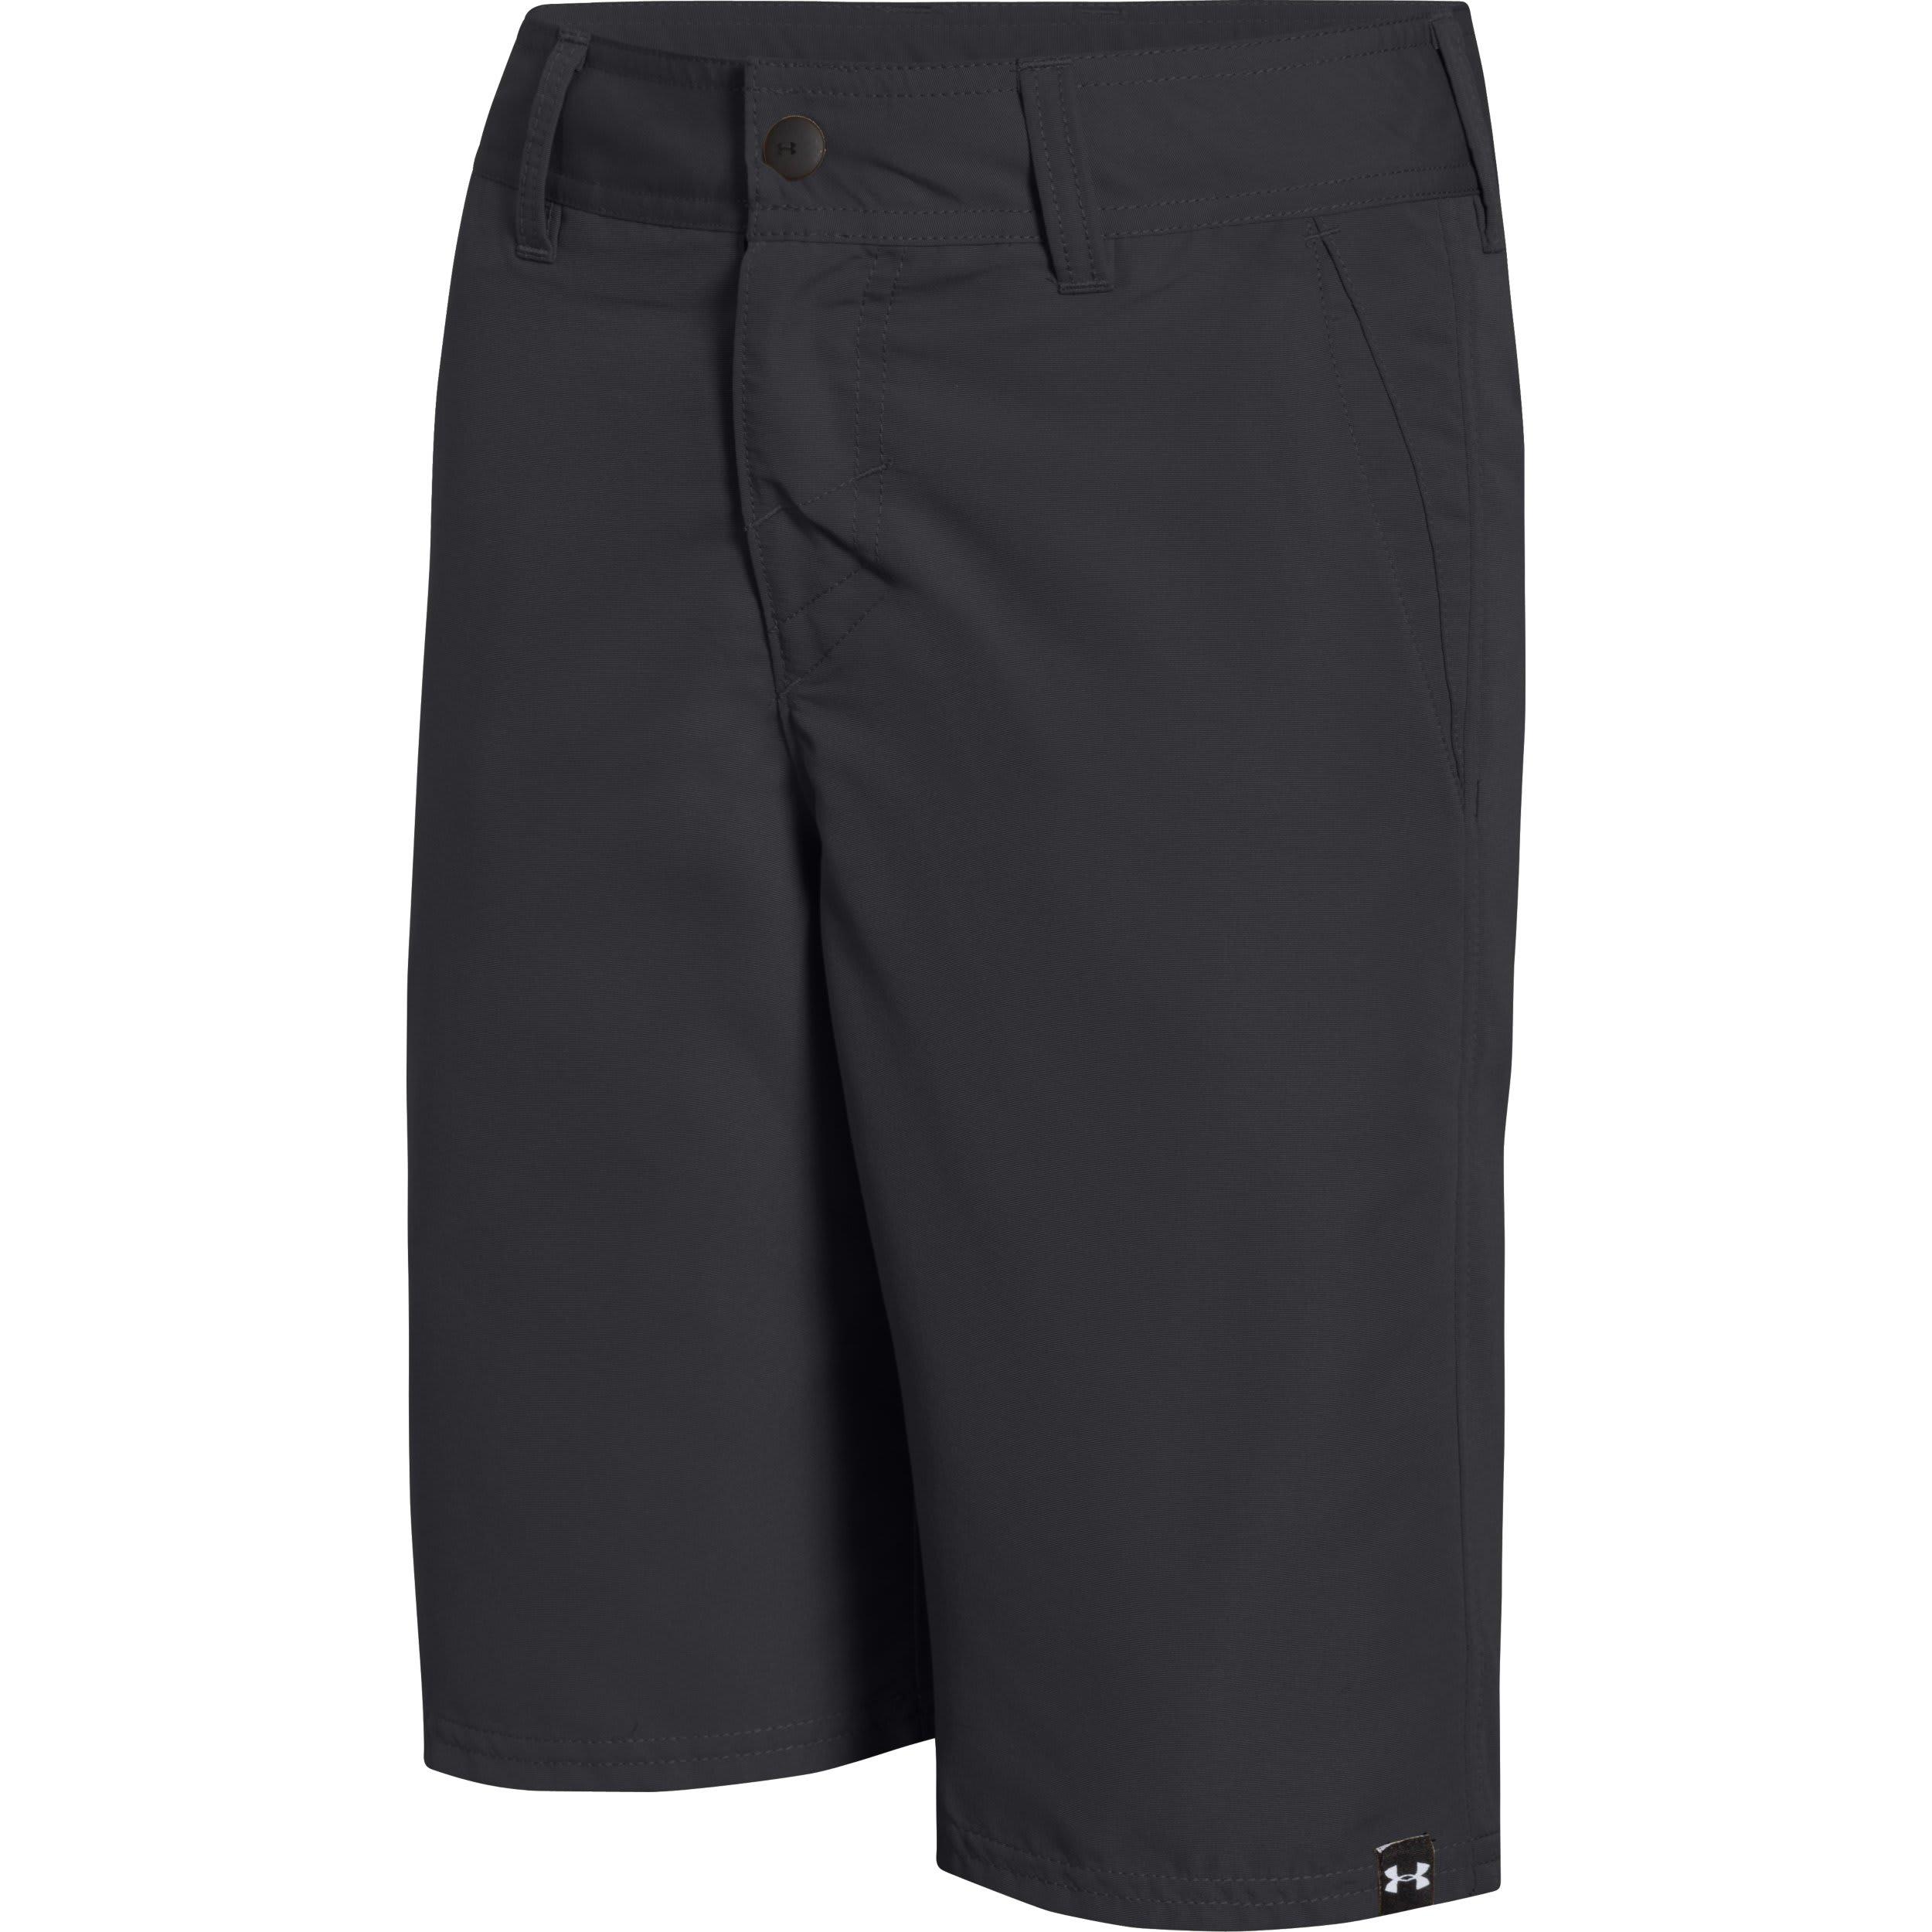 Under Armour Embarker Amphibious Shorts ua4emak22bbk15zz-under-armour-shorts